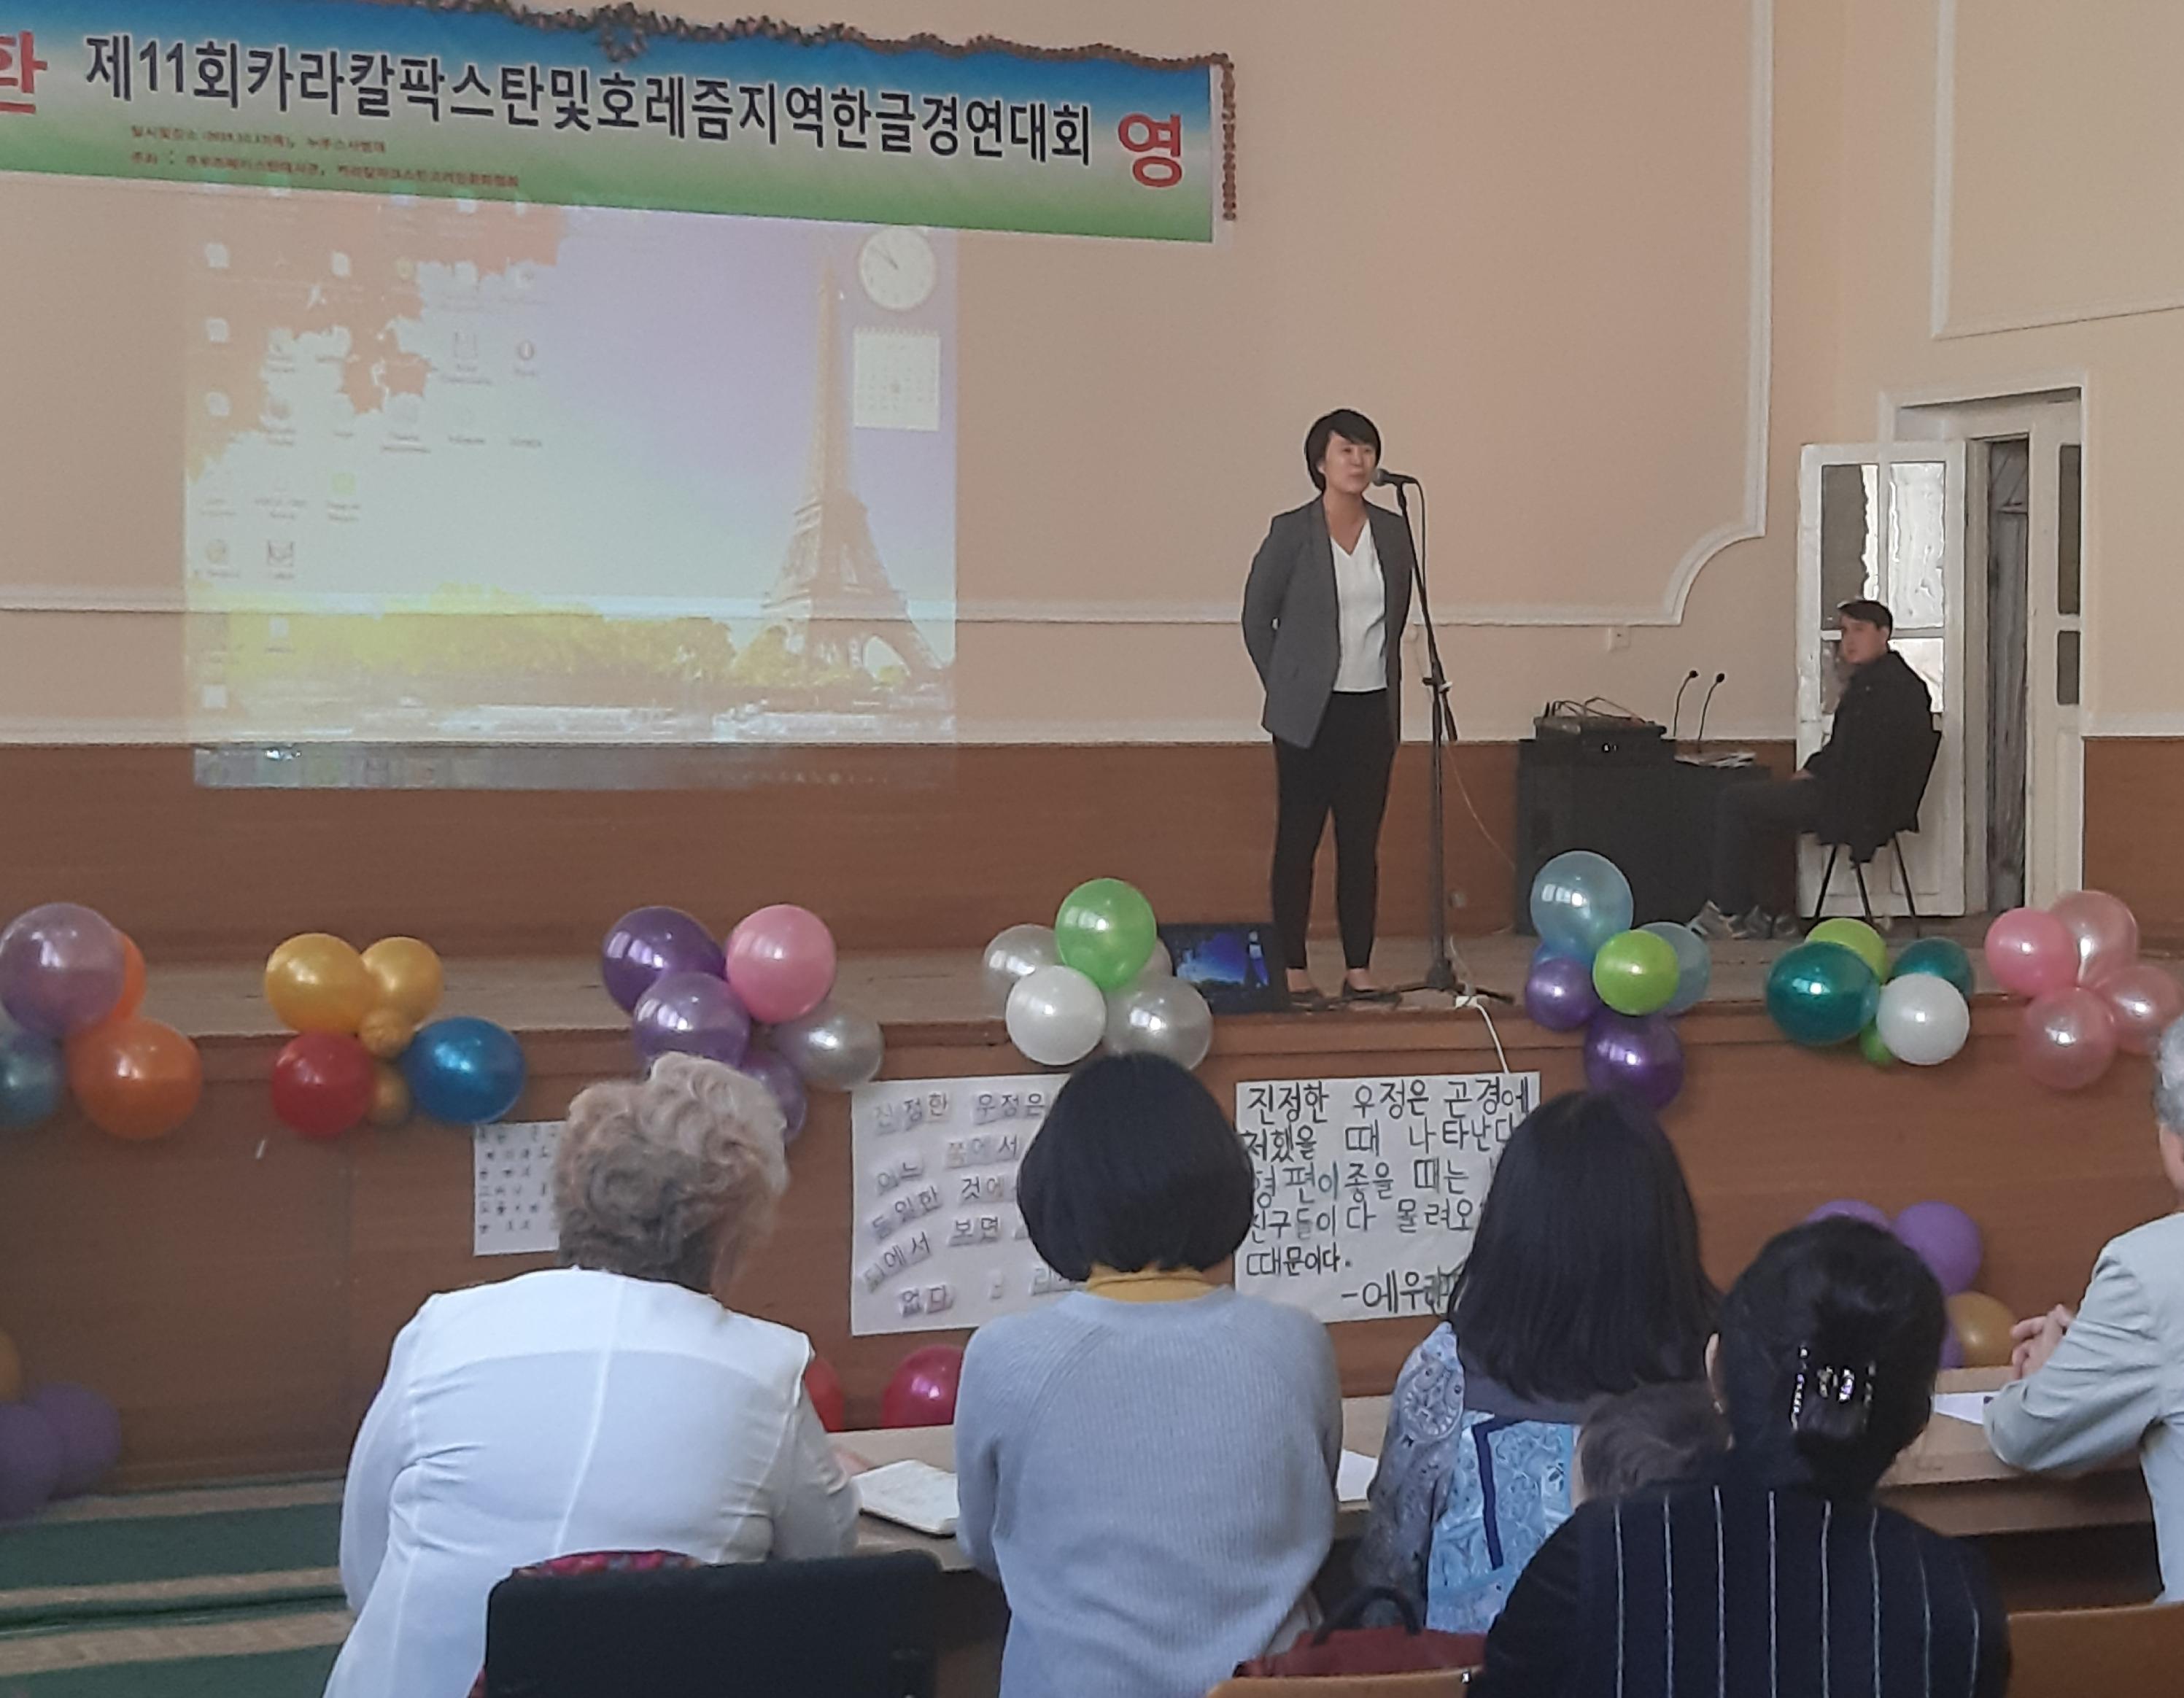 20191020 170231 - Фестиваль корейского языка и культуры